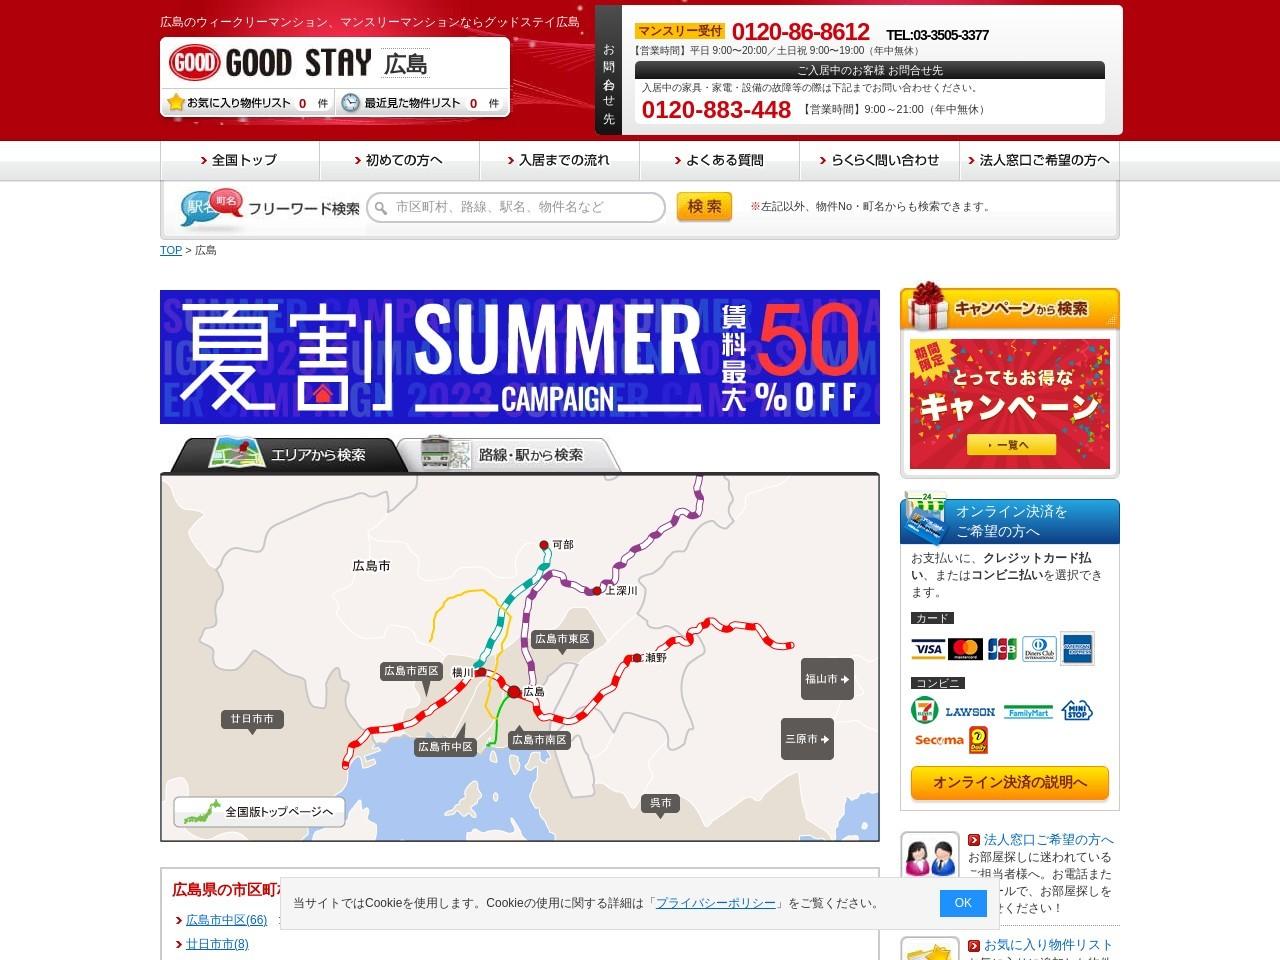 グッド・ステイネット広島